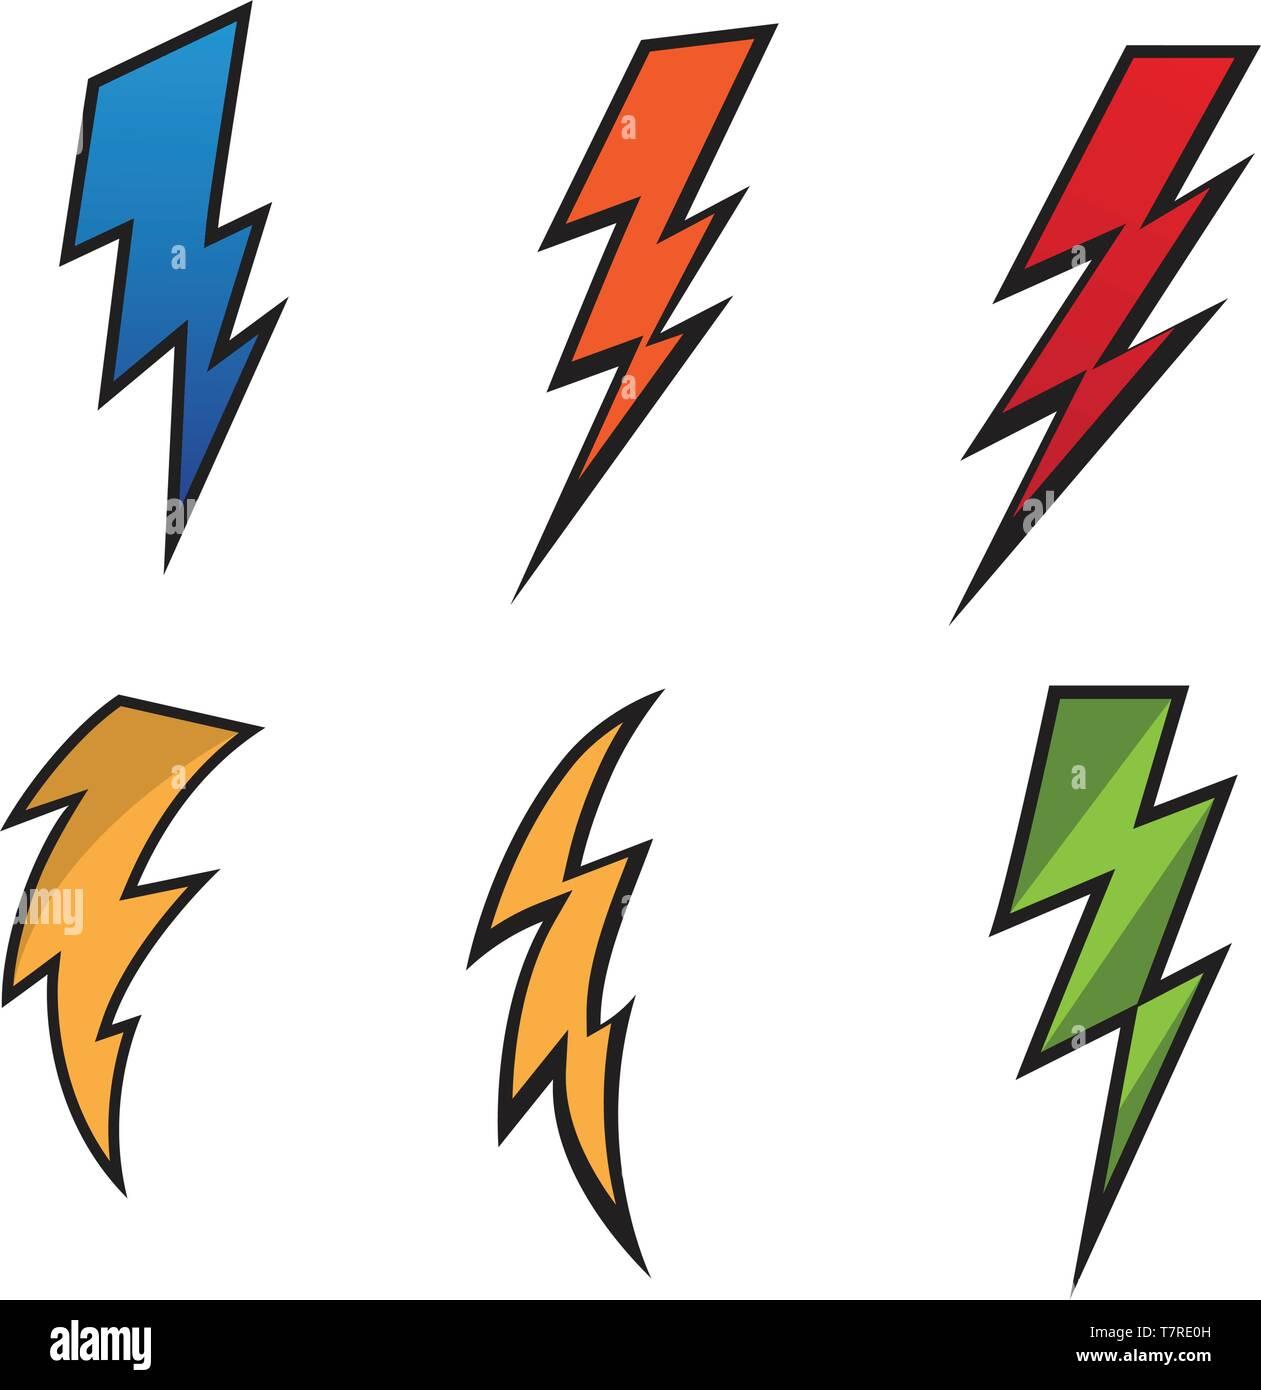 Lightning bolt flash thunderbolt icons vectors Stock Vector